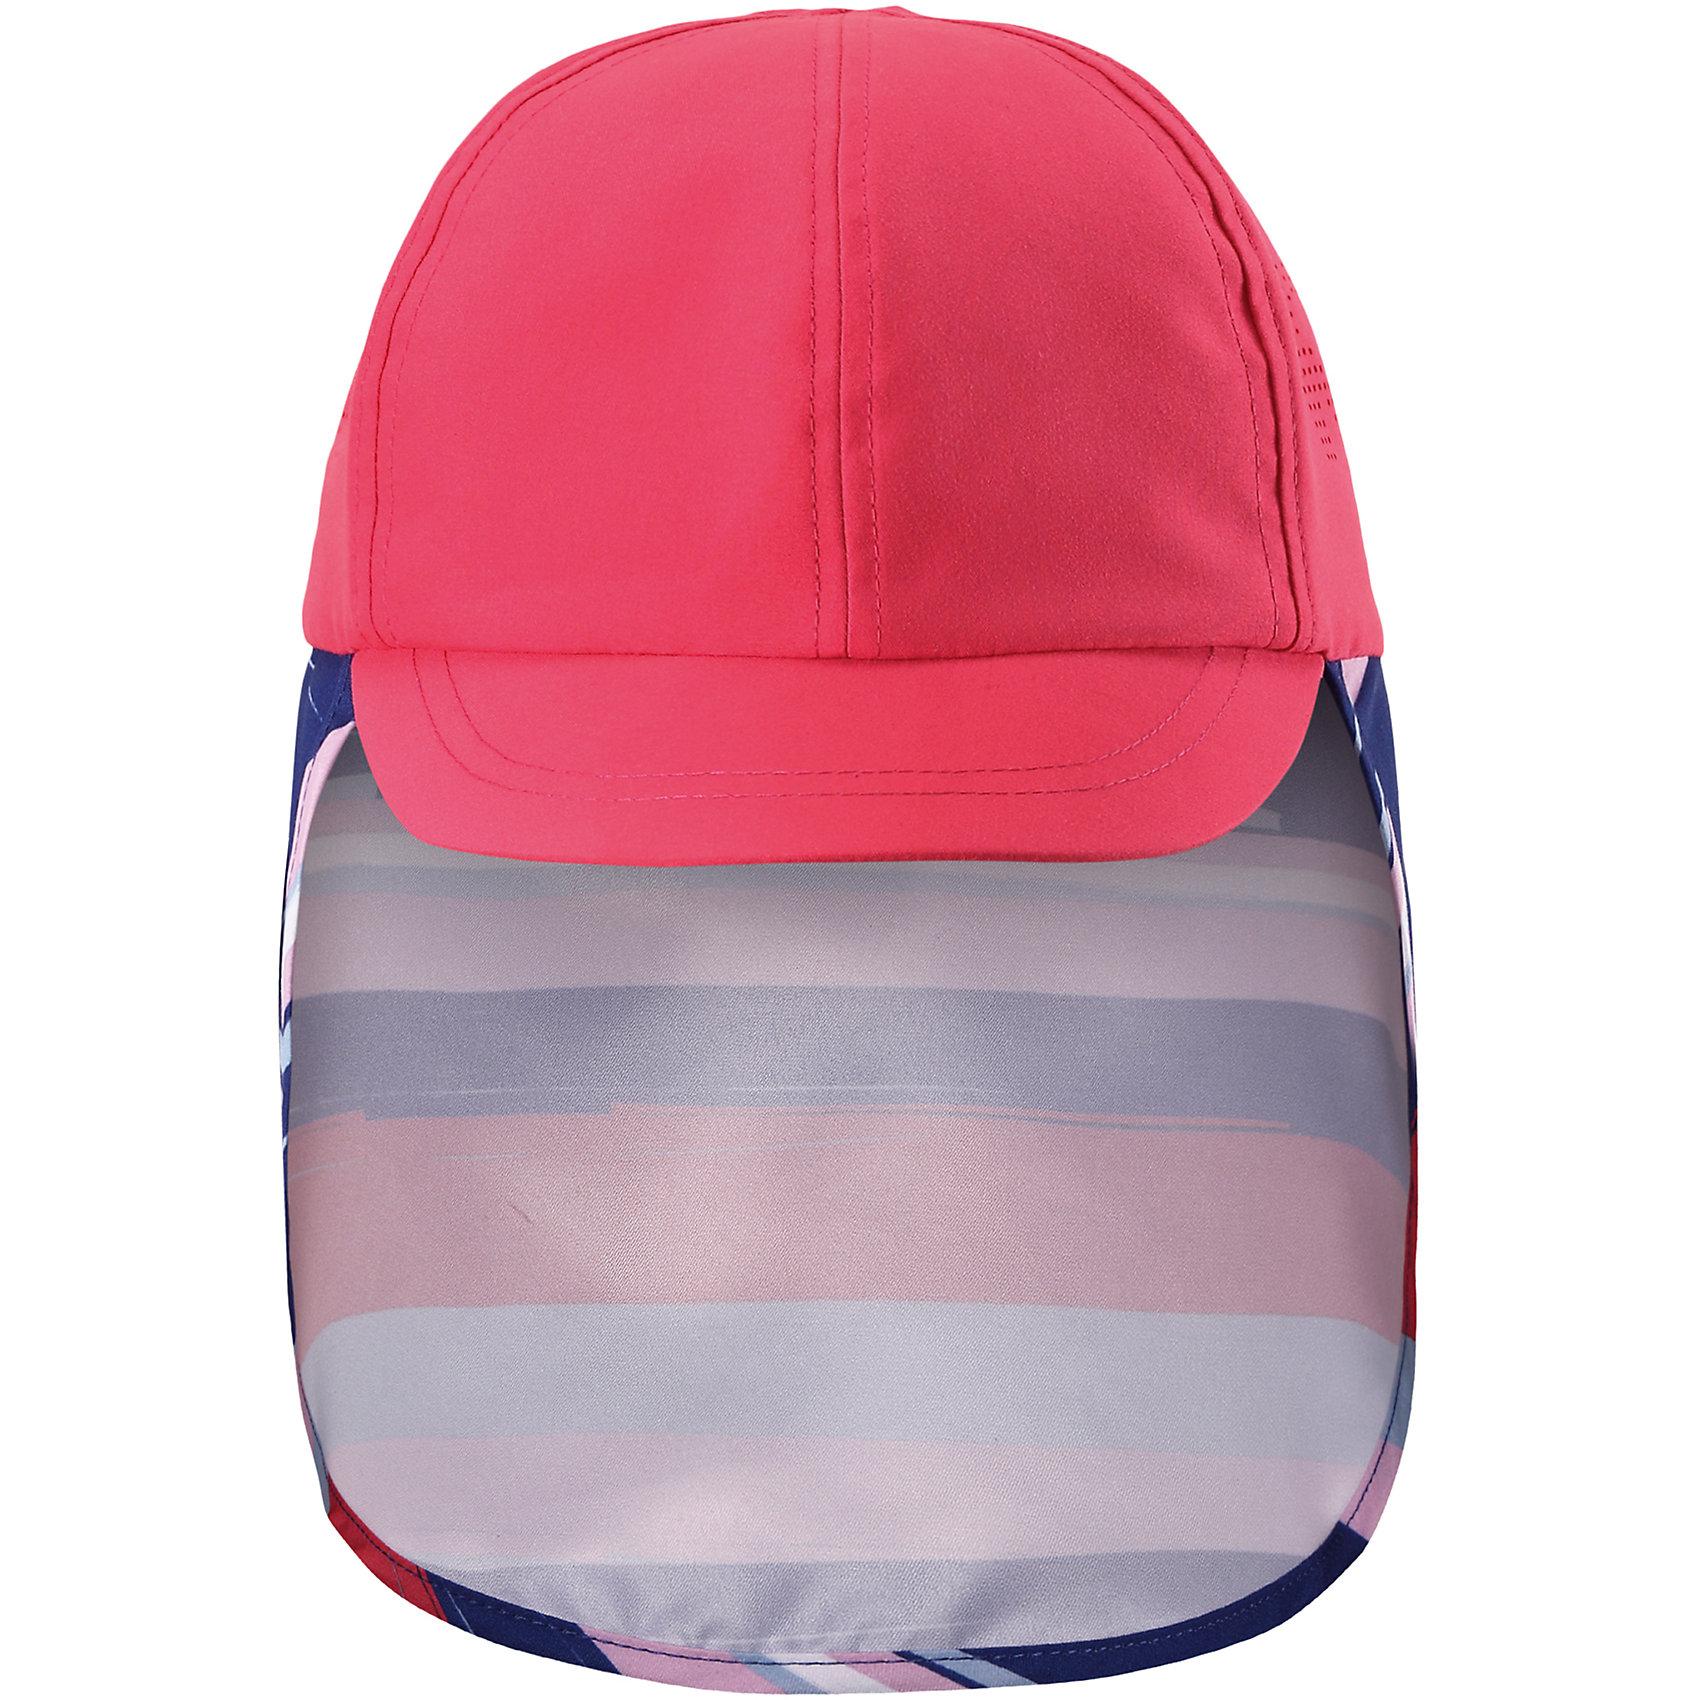 Панама Alytos для девочки ReimaШапки и шарфы<br>Характеристики товара:<br><br>• цвет: розовый<br>• состав: 100% полиэстер<br>• защитный козырек<br>• без подкладки<br>• удлиненная сзади<br>• декоративный логотип<br>• фактор защиты от ультрафиолета: 50+<br>• комфортная посадка<br>• страна производства: Китай<br>• страна бренда: Финляндия<br>• коллекция: весна-лето 2017<br><br>Детский головной убор может быть модным и удобным одновременно! Стильная панама поможет обеспечить ребенку комфорт и дополнить наряд. Она отлично смотрится с различной одеждой. Панама удобно сидит и аккуратно выглядит. Проста в уходе, долго служит. Стильный дизайн разрабатывался специально для детей. Отличная защита от солнца!<br><br>Одежда и обувь от финского бренда Reima пользуется популярностью во многих странах. Эти изделия стильные, качественные и удобные. Для производства продукции используются только безопасные, проверенные материалы и фурнитура. Порадуйте ребенка модными и красивыми вещами от Reima! <br><br>Панаму для мальчика от финского бренда Reima (Рейма) можно купить в нашем интернет-магазине.<br><br>Уход:<br>Стирать по отдельности. Полоскать без специального средства. Сушить при низкой температуре.<br><br>Ширина мм: 212<br>Глубина мм: 167<br>Высота мм: 106<br>Вес г: 62<br>Цвет: розовый<br>Возраст от месяцев: 6<br>Возраст до месяцев: 18<br>Пол: Женский<br>Возраст: Детский<br>Размер: 48,54,50,46,56,52<br>SKU: 5267785